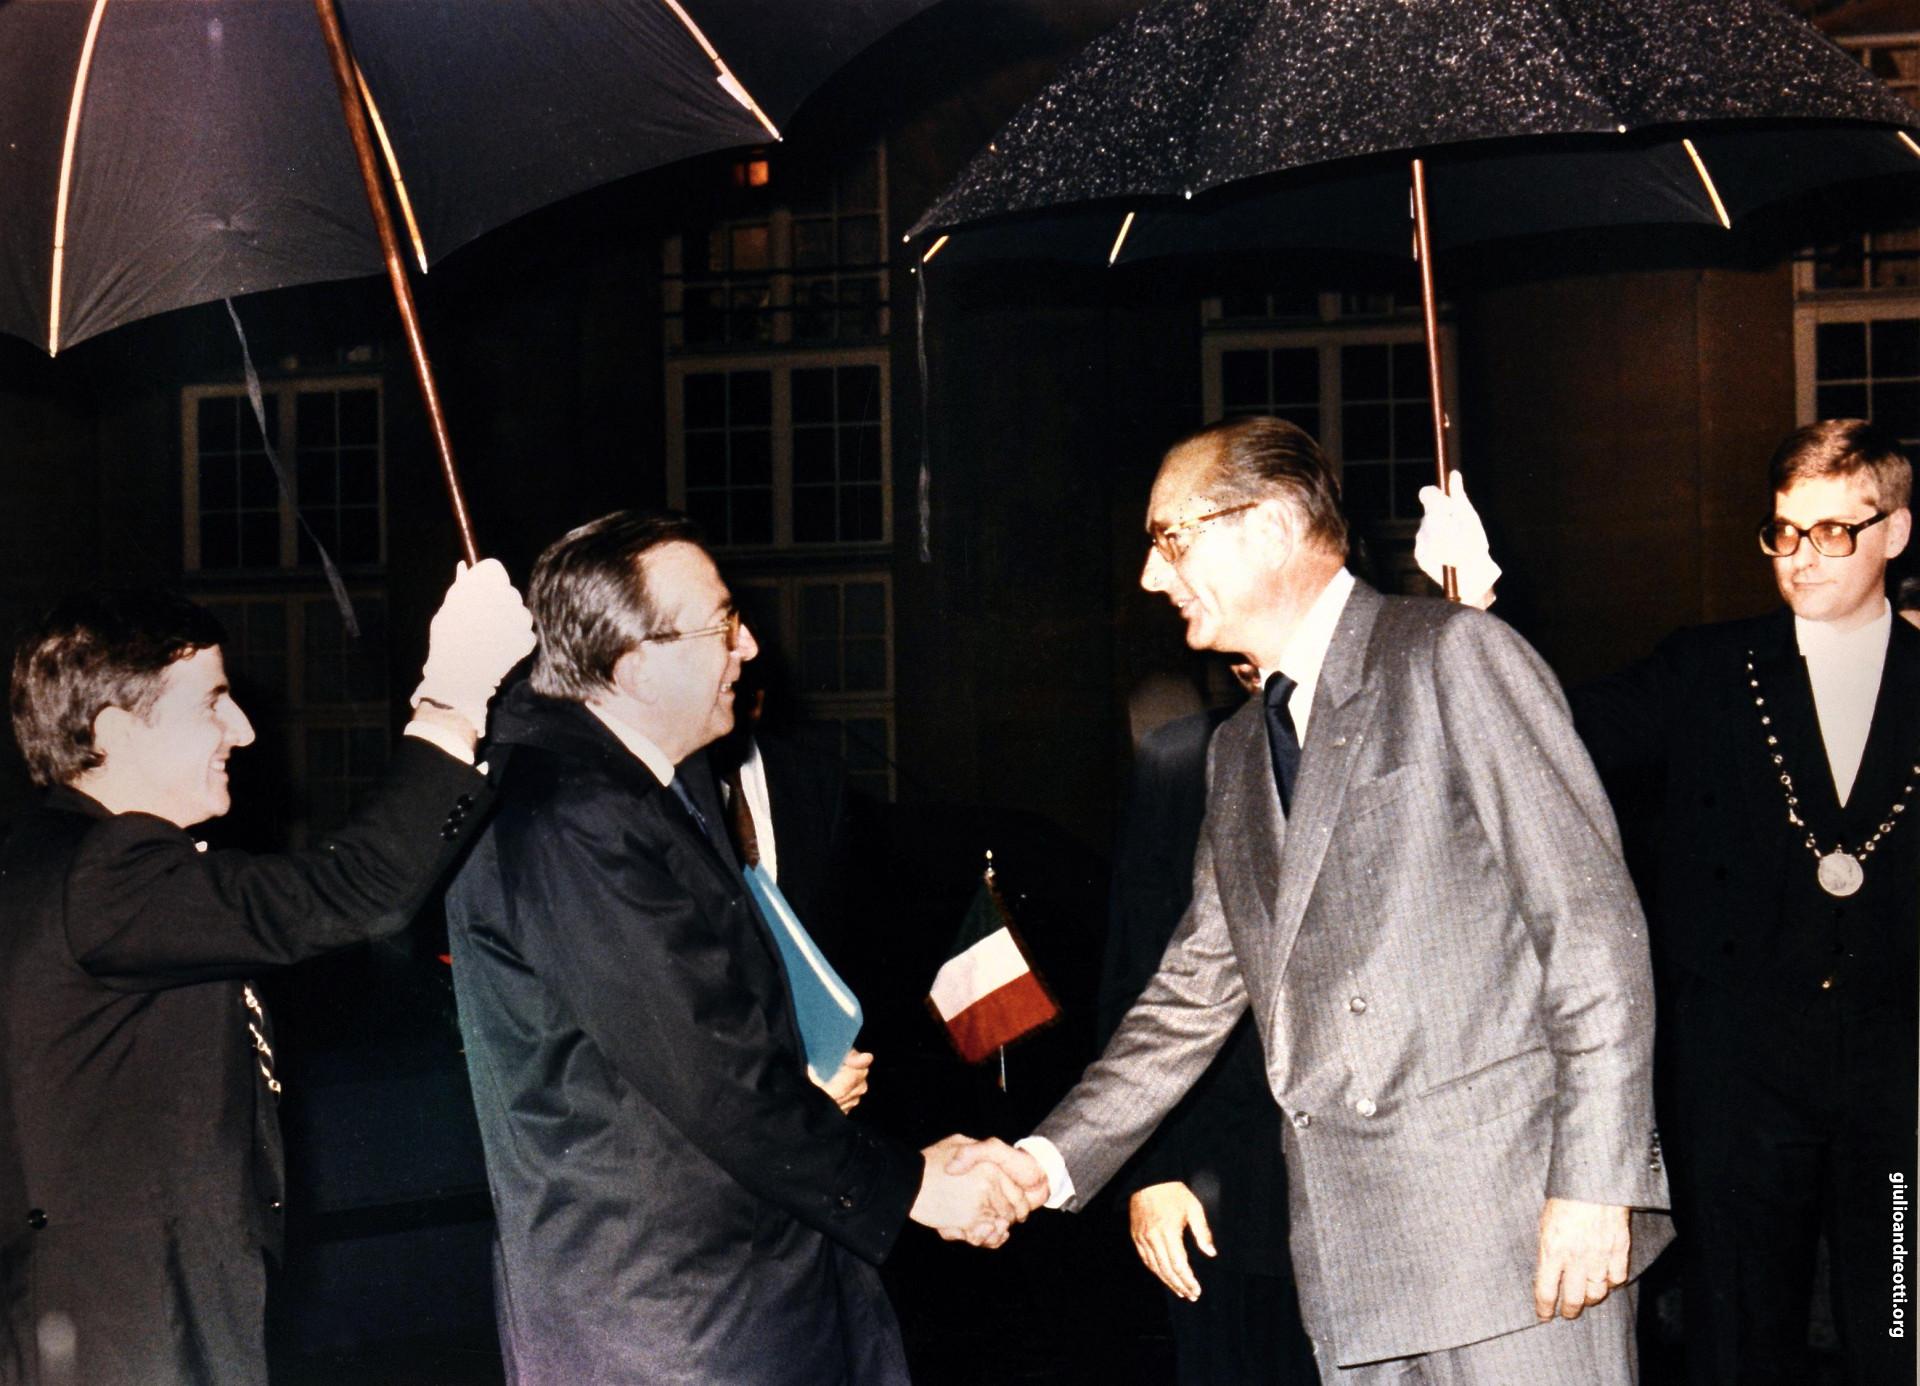 20 10 1987. Incontro all'Eliseo con il presidente francese Chirac (foto Oliverio)